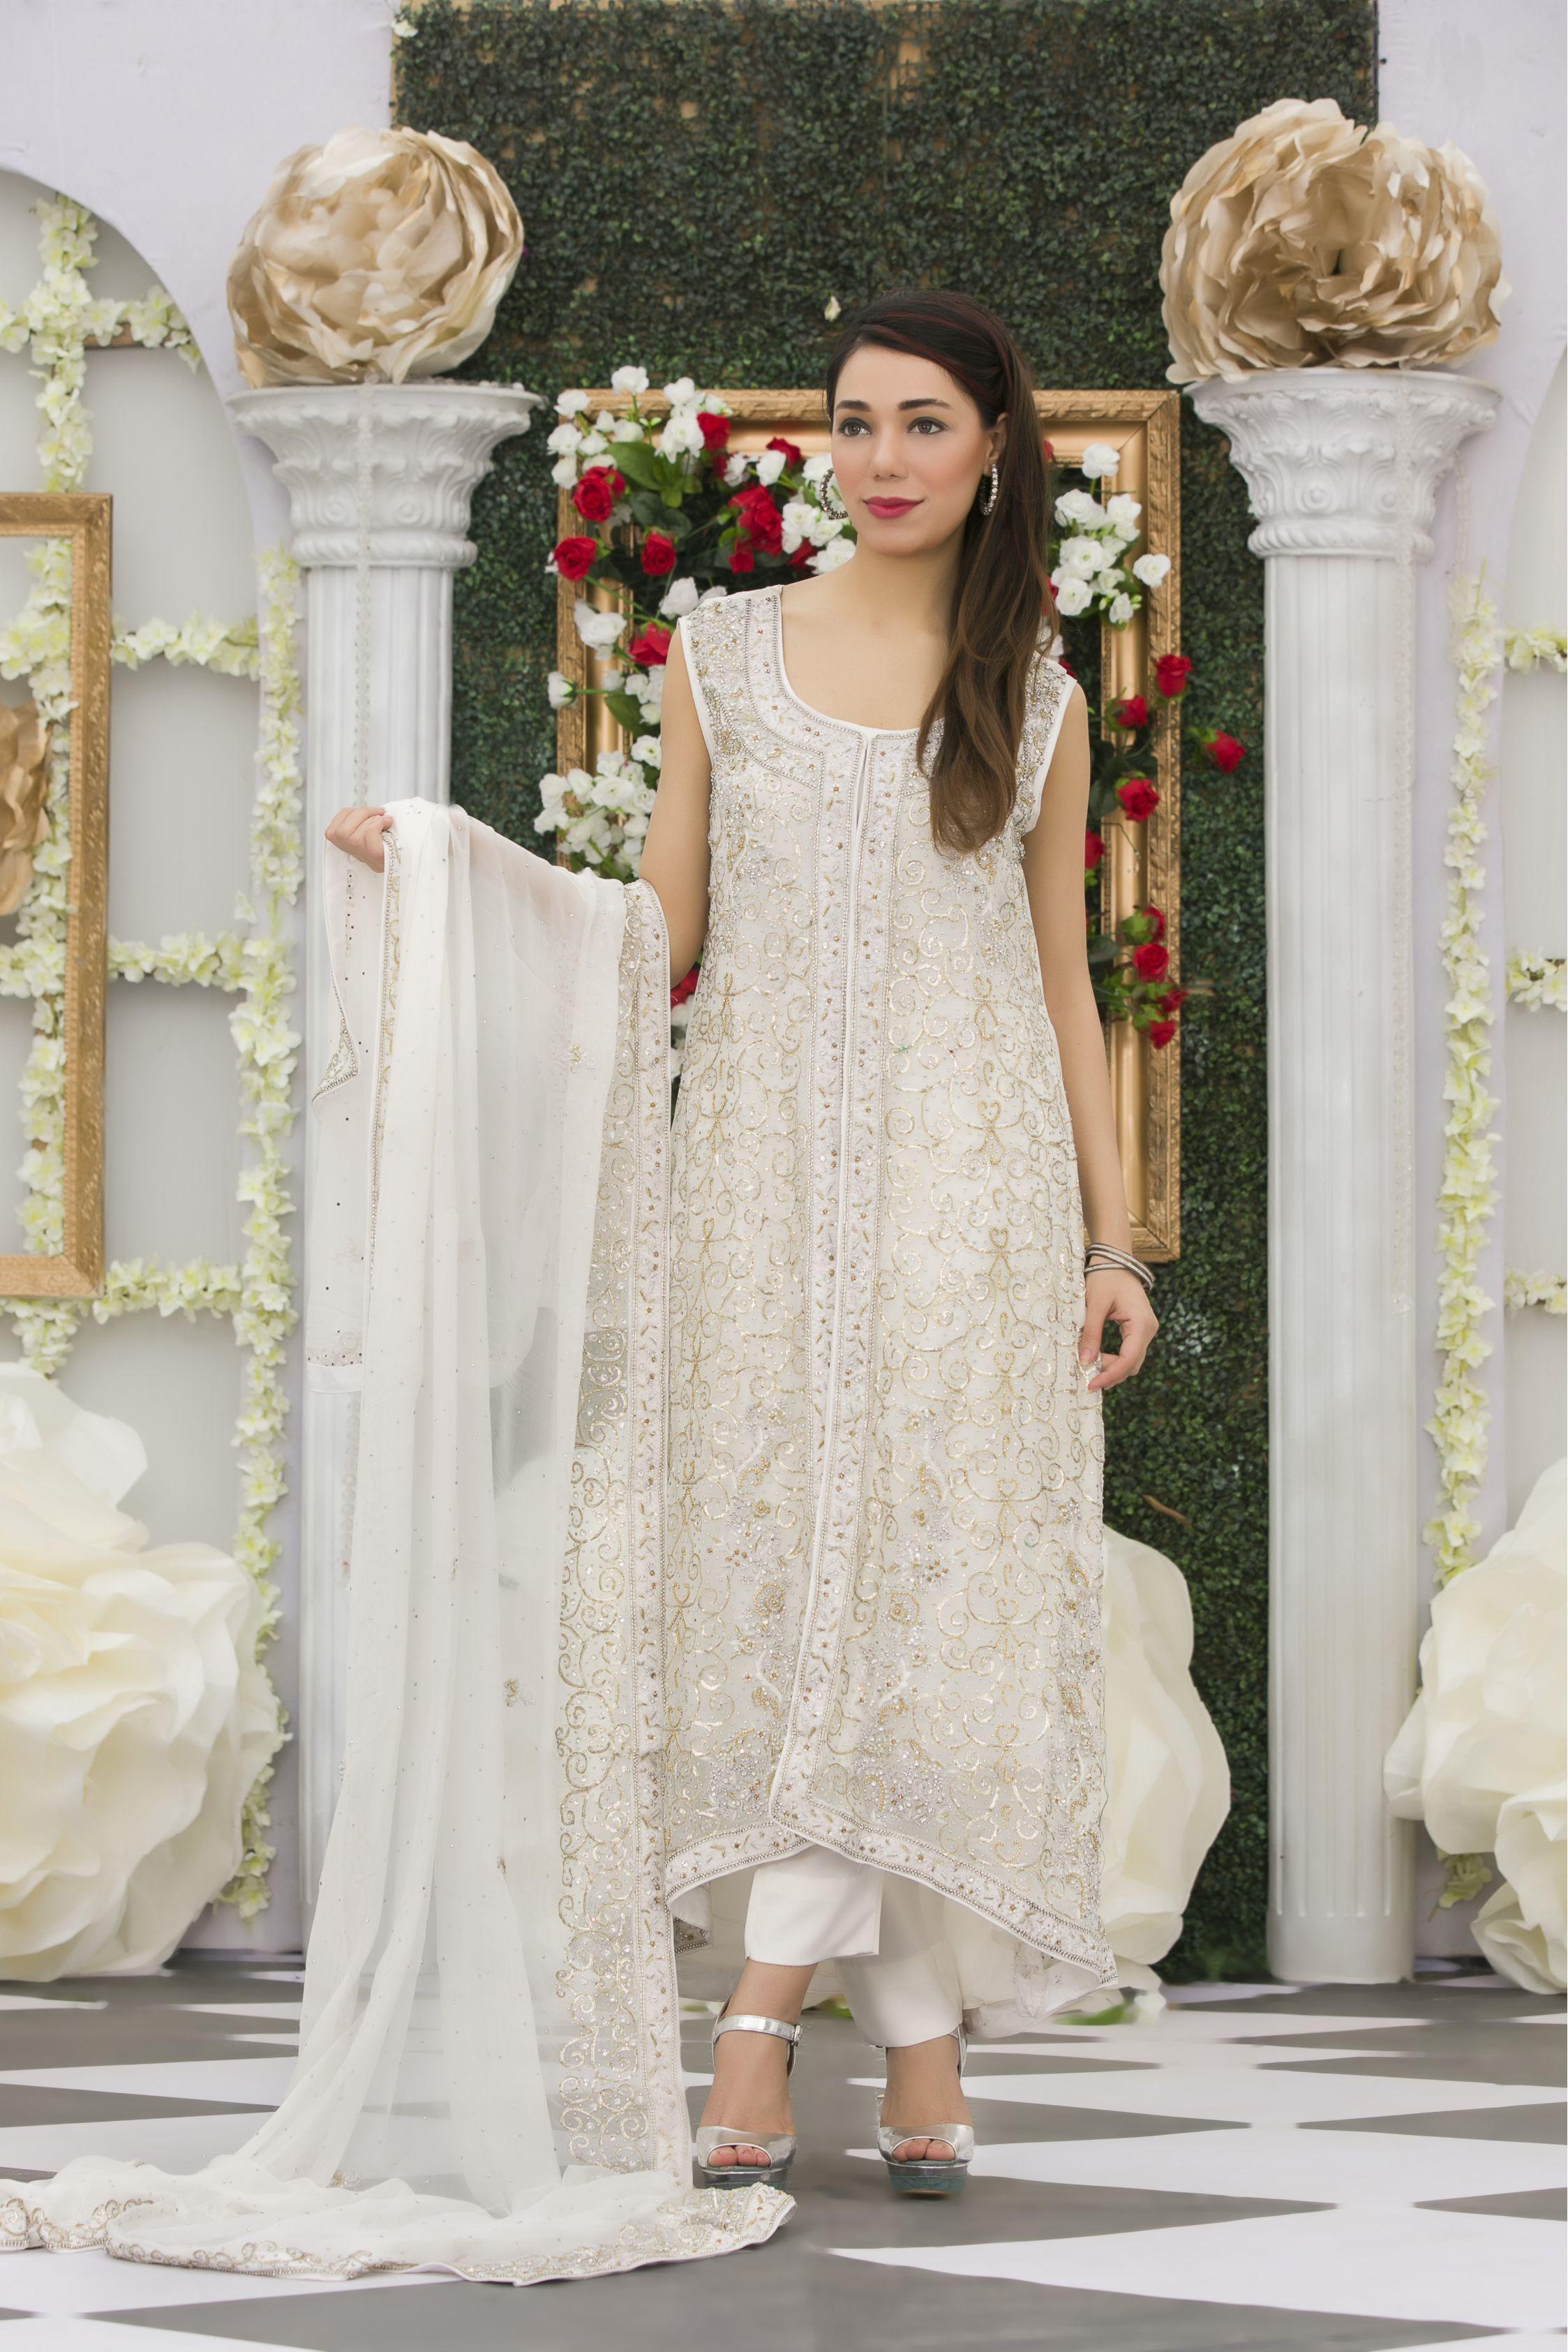 EXCLUSIVE WHITE BRIDAL DRESS - Exclusive Online Boutique